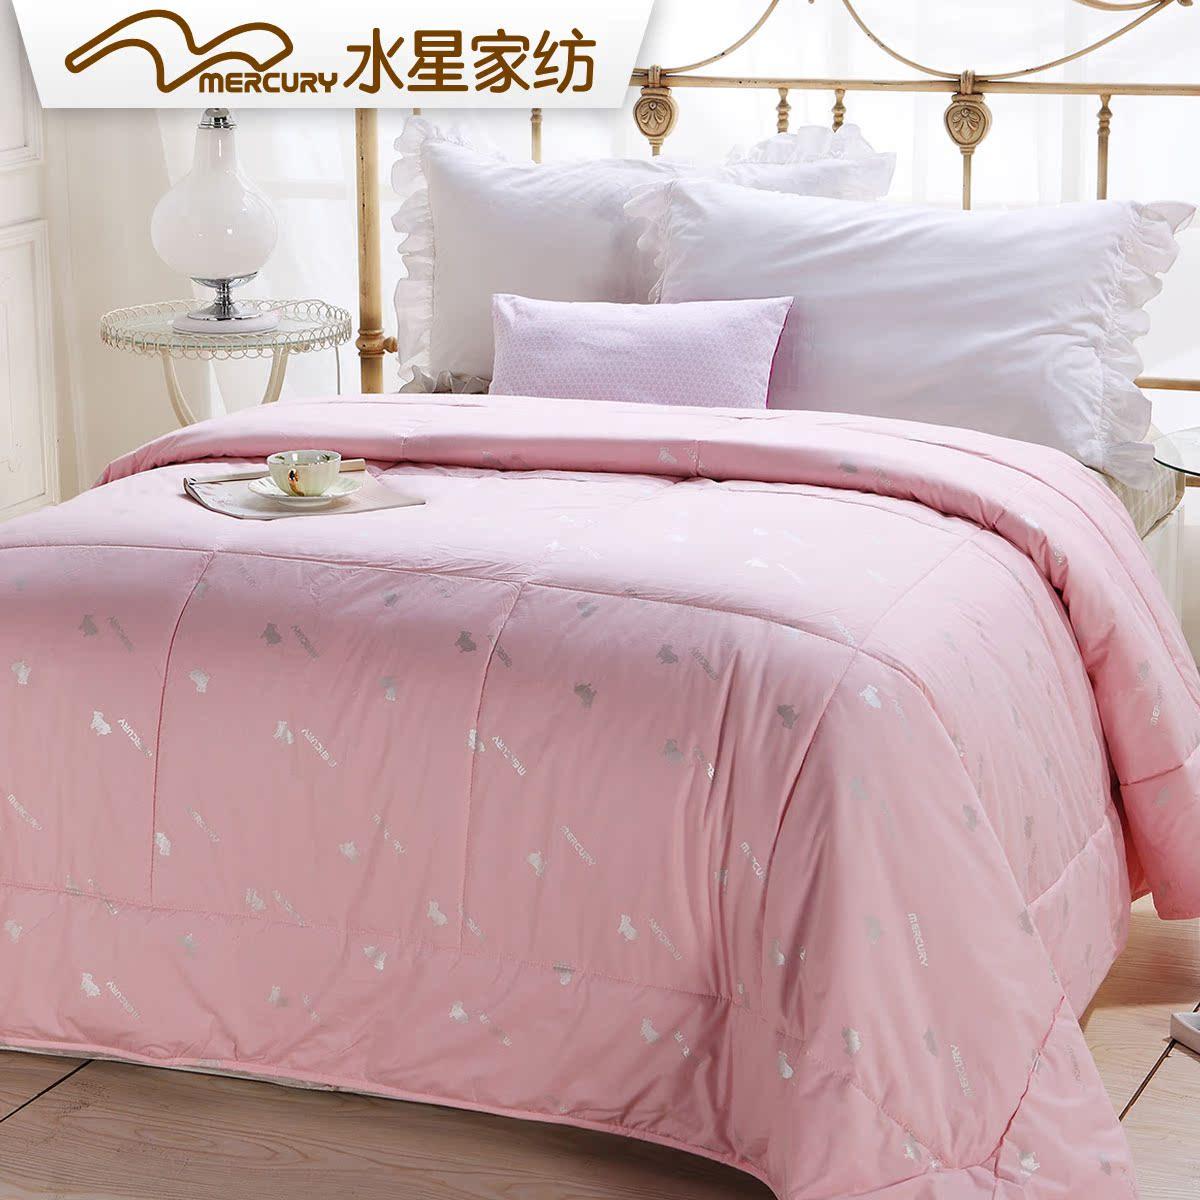 水星家纺 100%羊毛被 全棉印花面料被子 保暖冬子被芯 床上用品